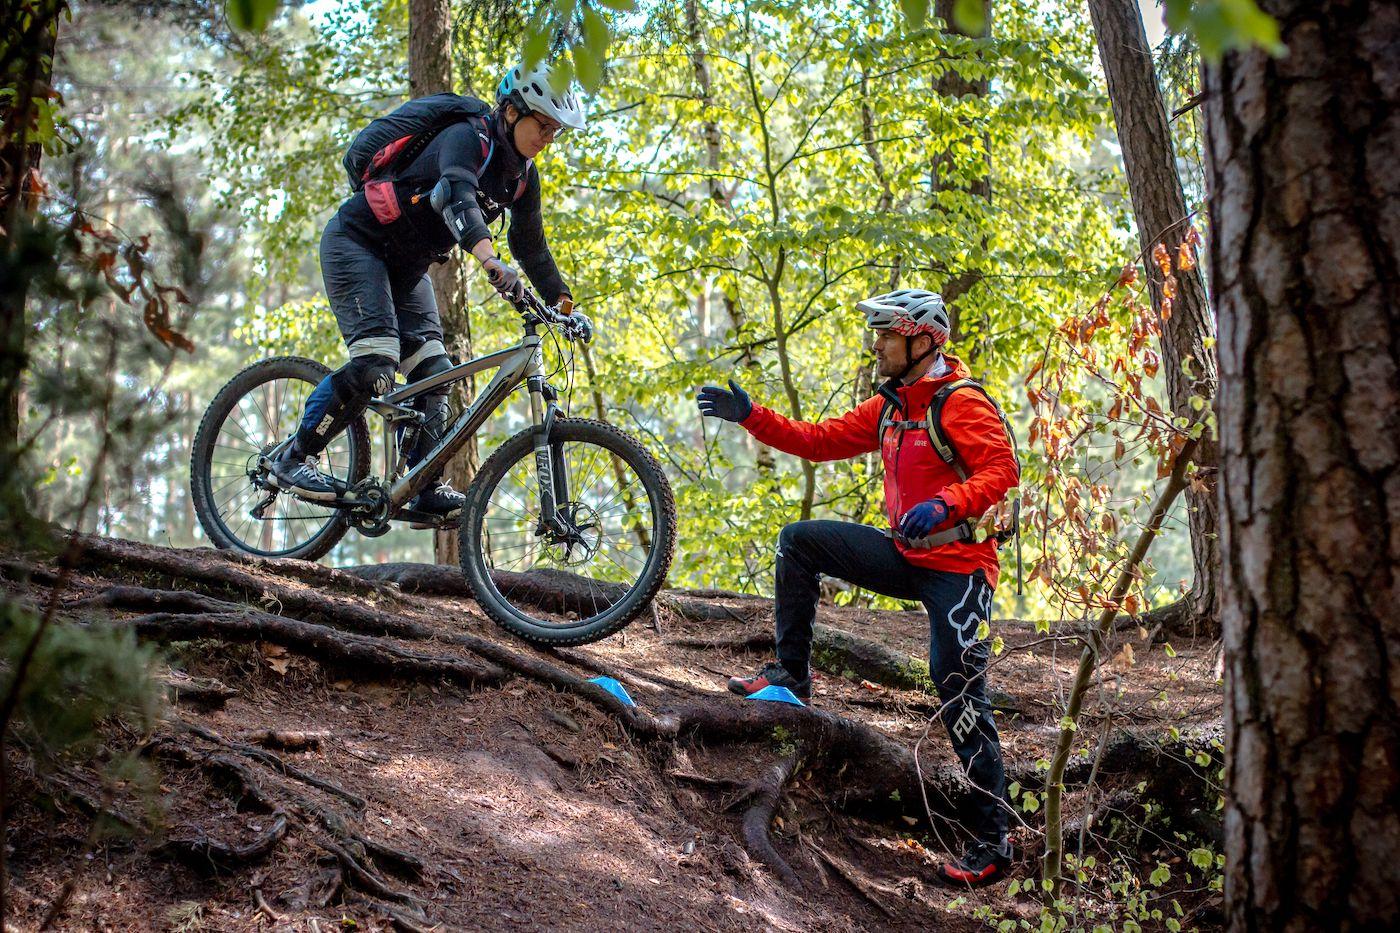 MTB Fahrtechnik Kurs Fortgeschrittene in Bad Orb |Spessart - Mountainbike Fortgeschritten - Rock my Trail Bikeschule - 5